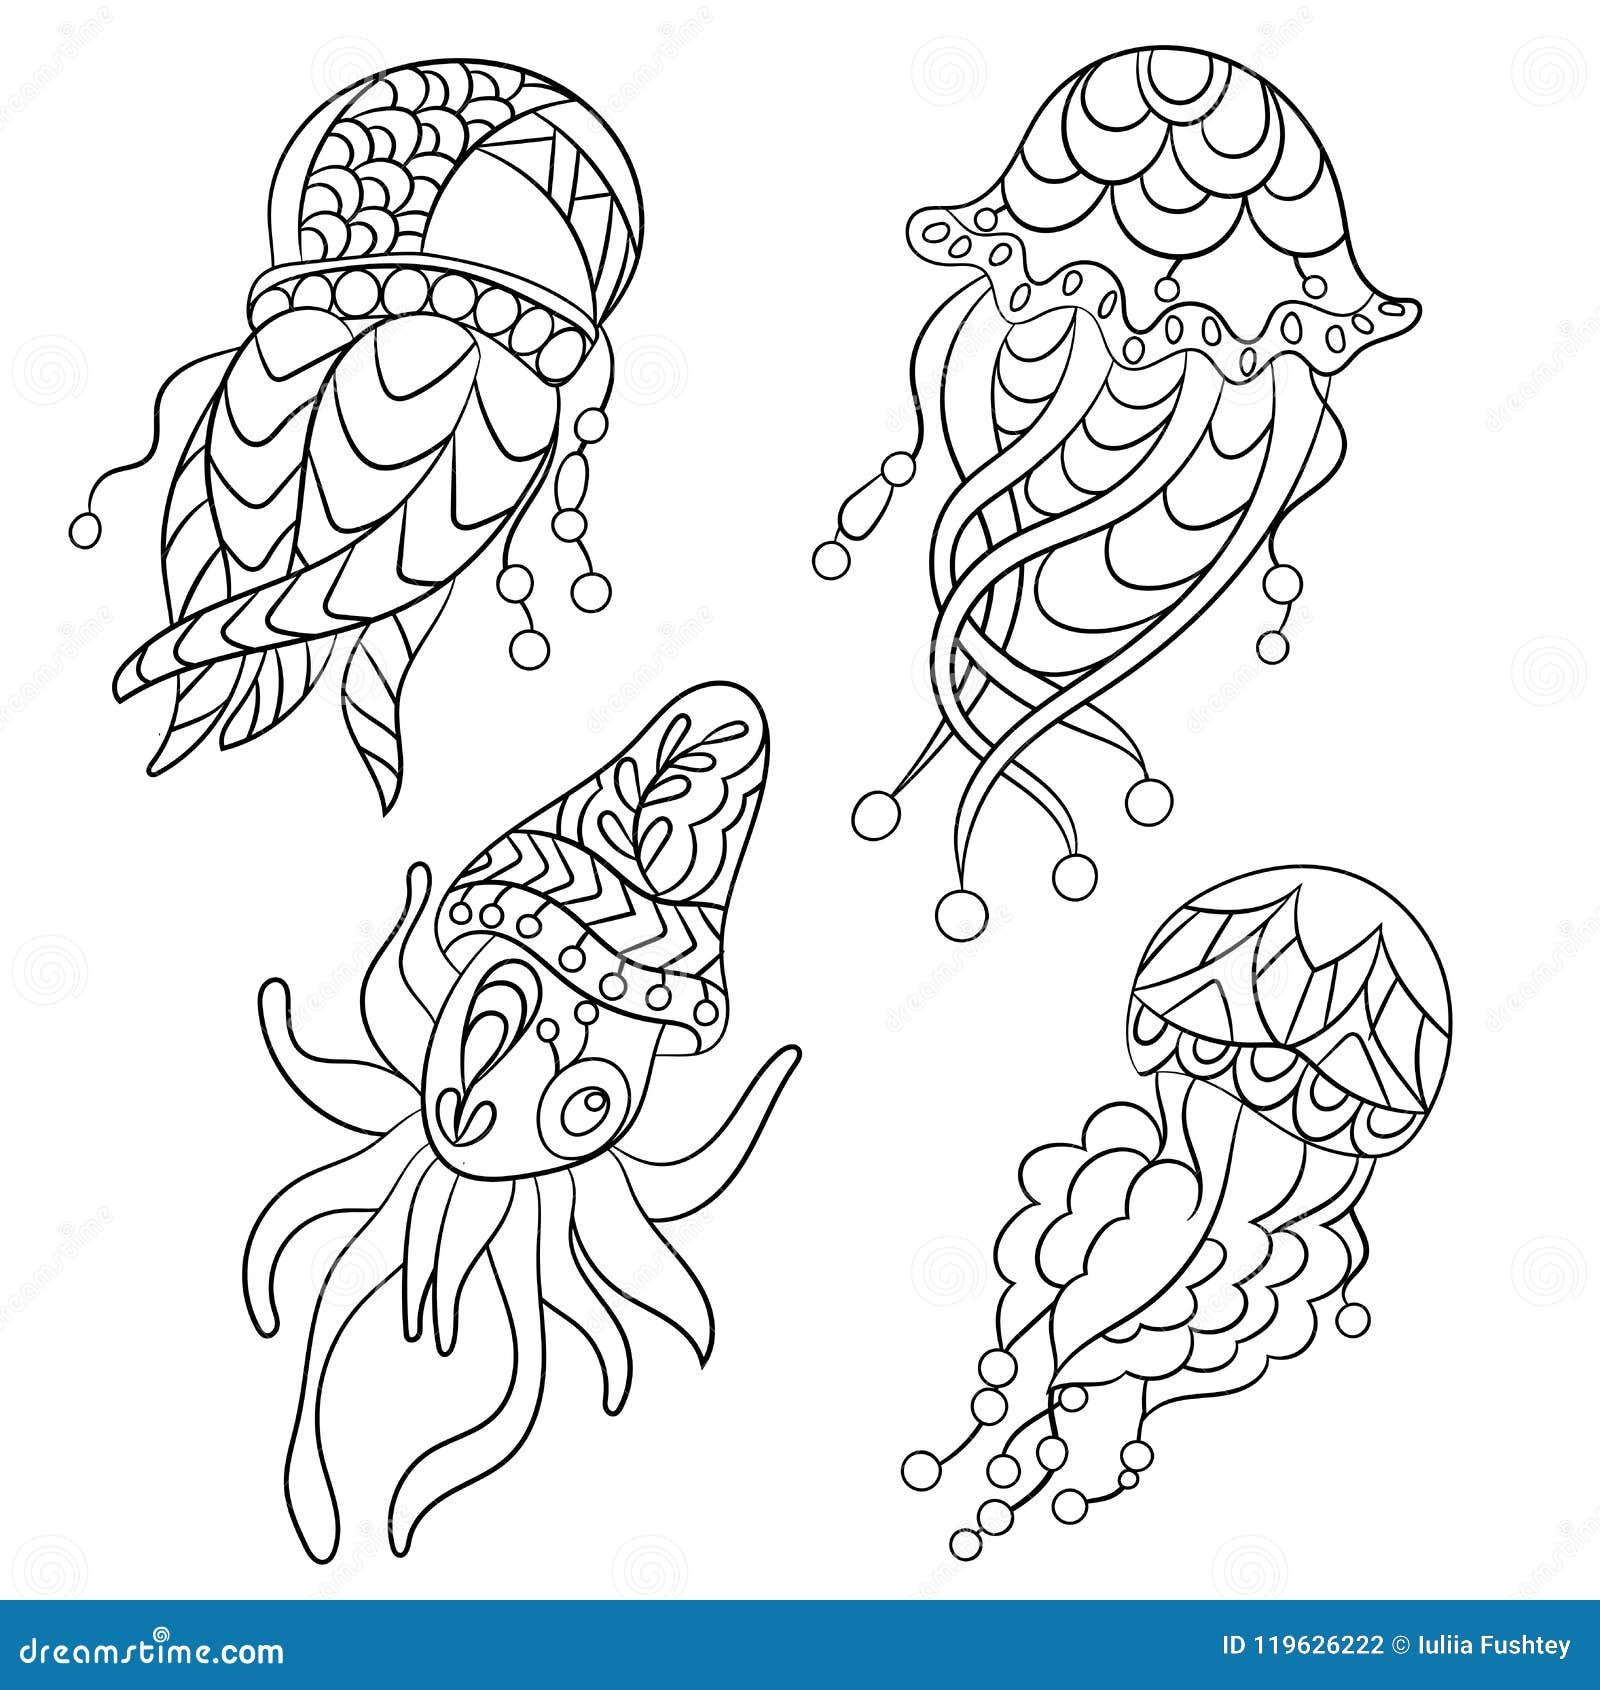 Cnidarian coloring page - Animals Town - Free Cnidarian color sheet | 1390x1300